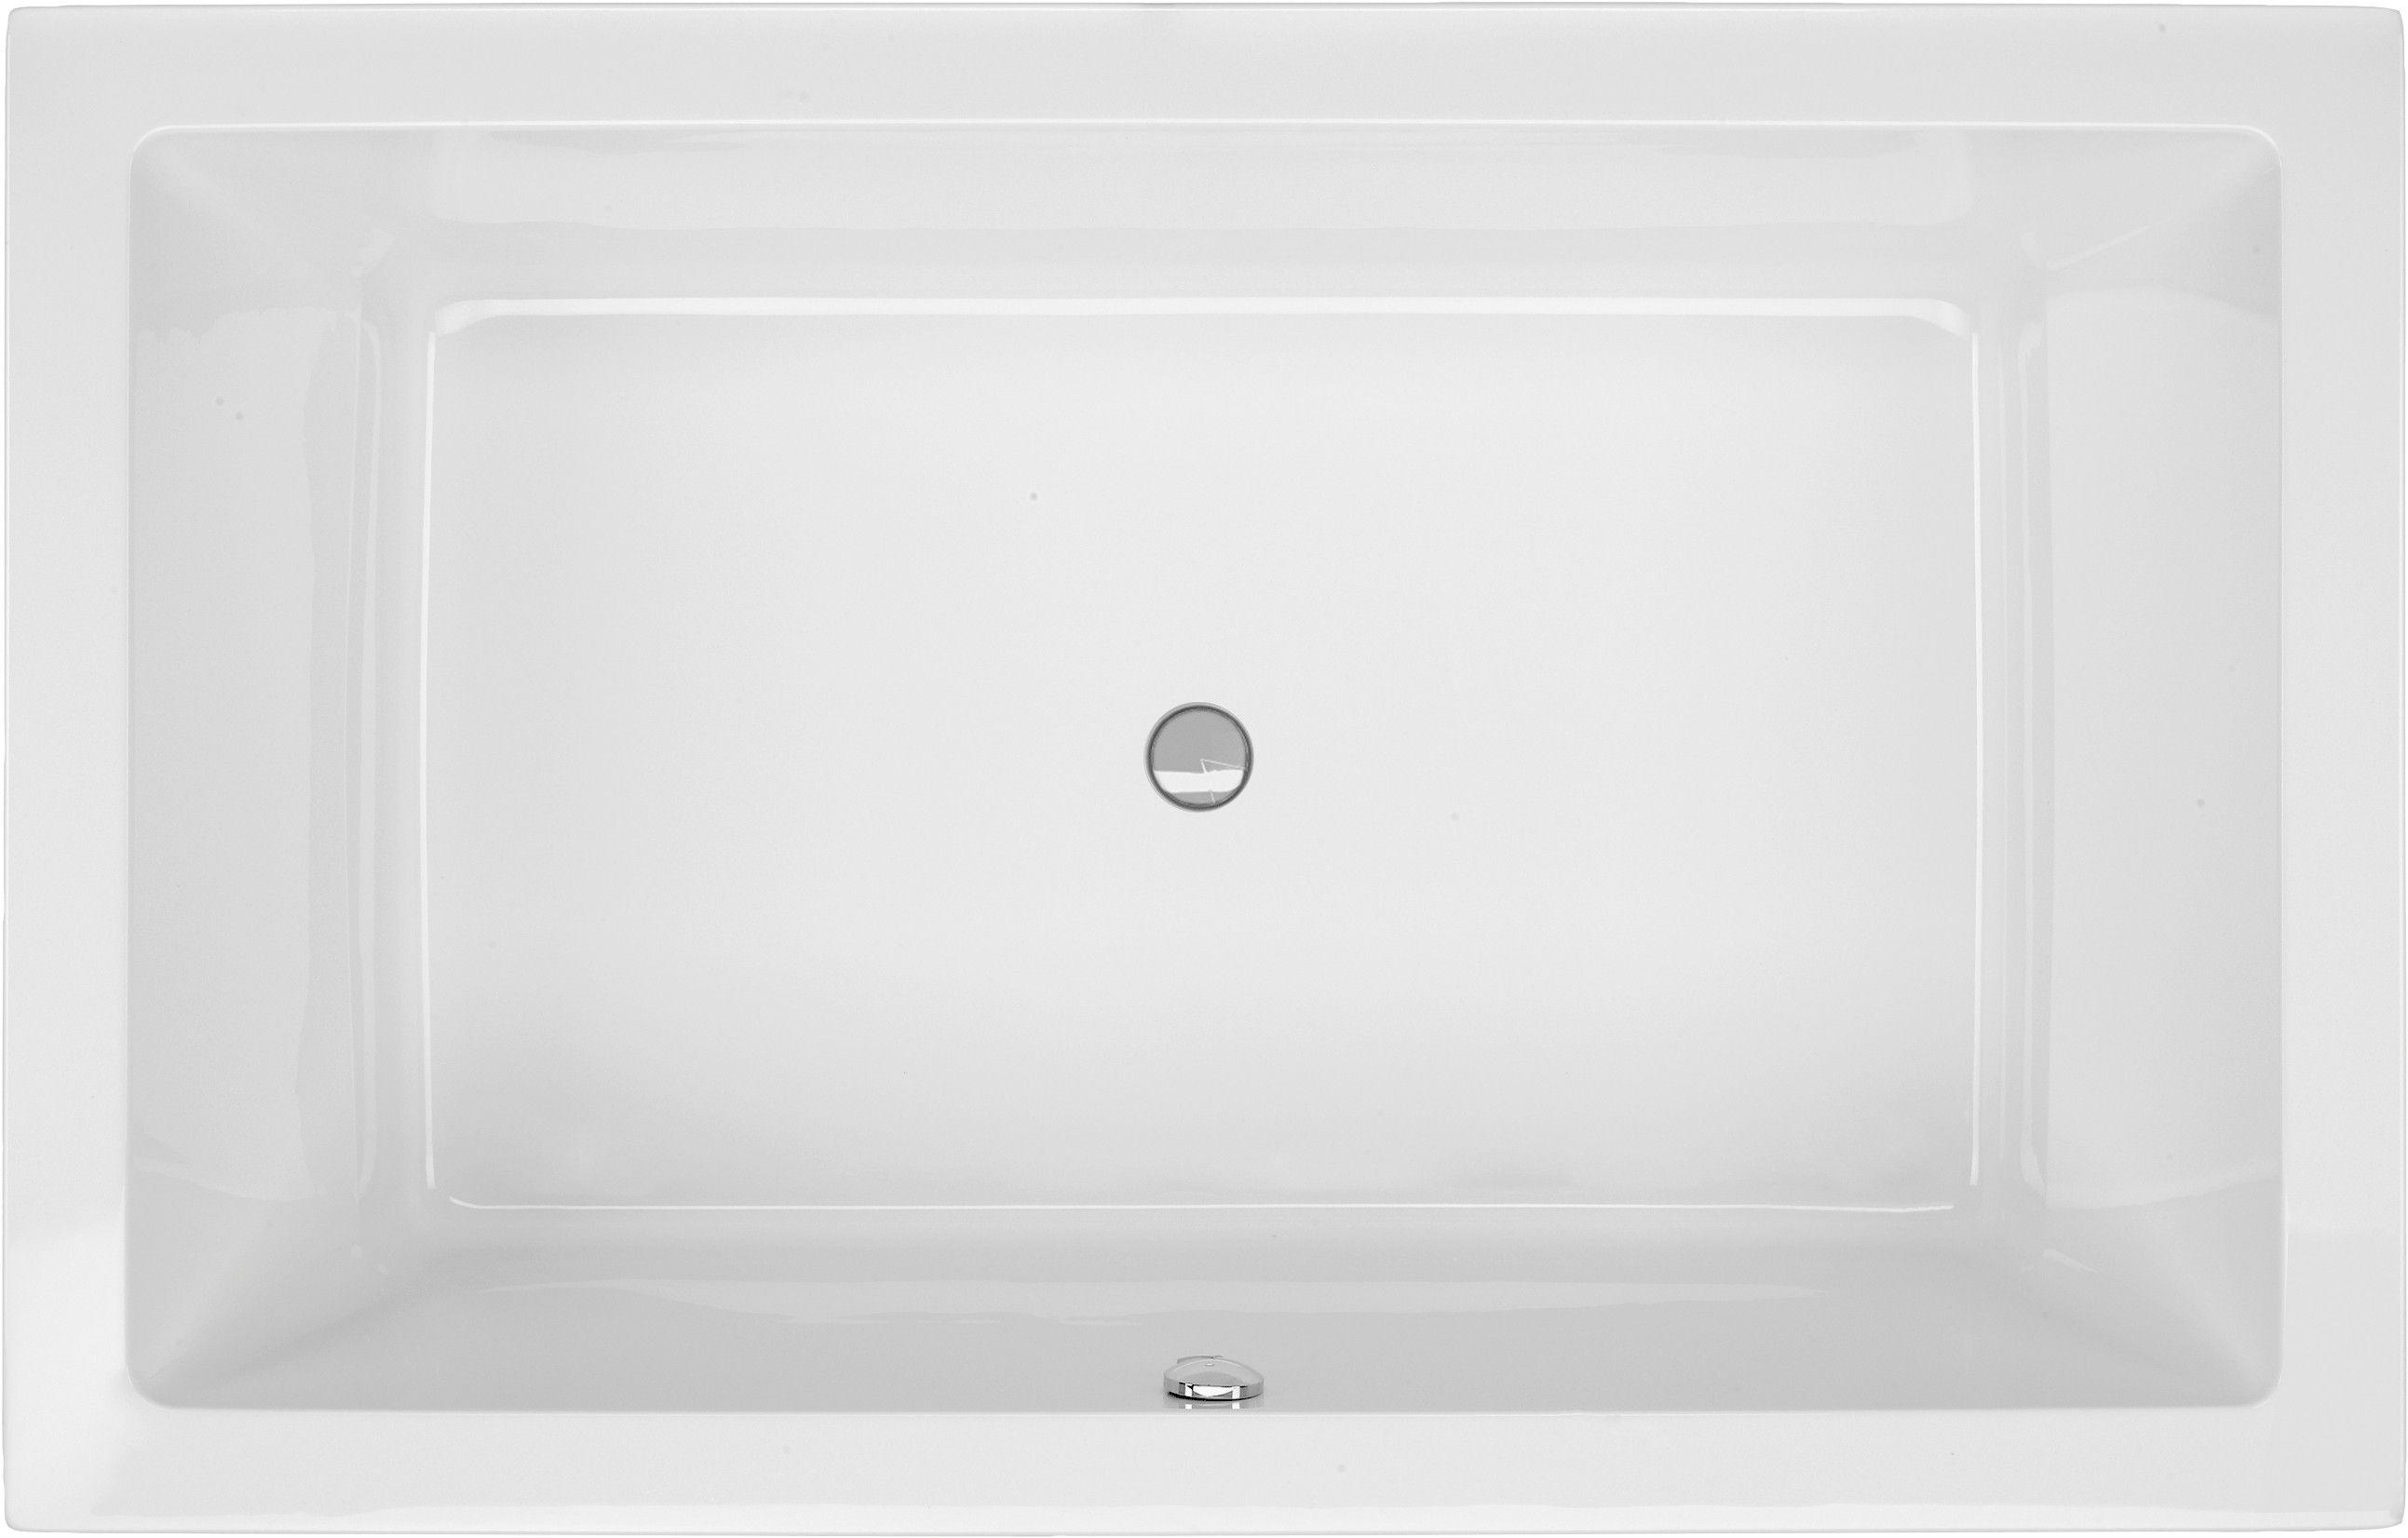 badewanne 190 x 120 x 49 cm badewanne rechteck pinterest gro e badewanne rechteck und. Black Bedroom Furniture Sets. Home Design Ideas